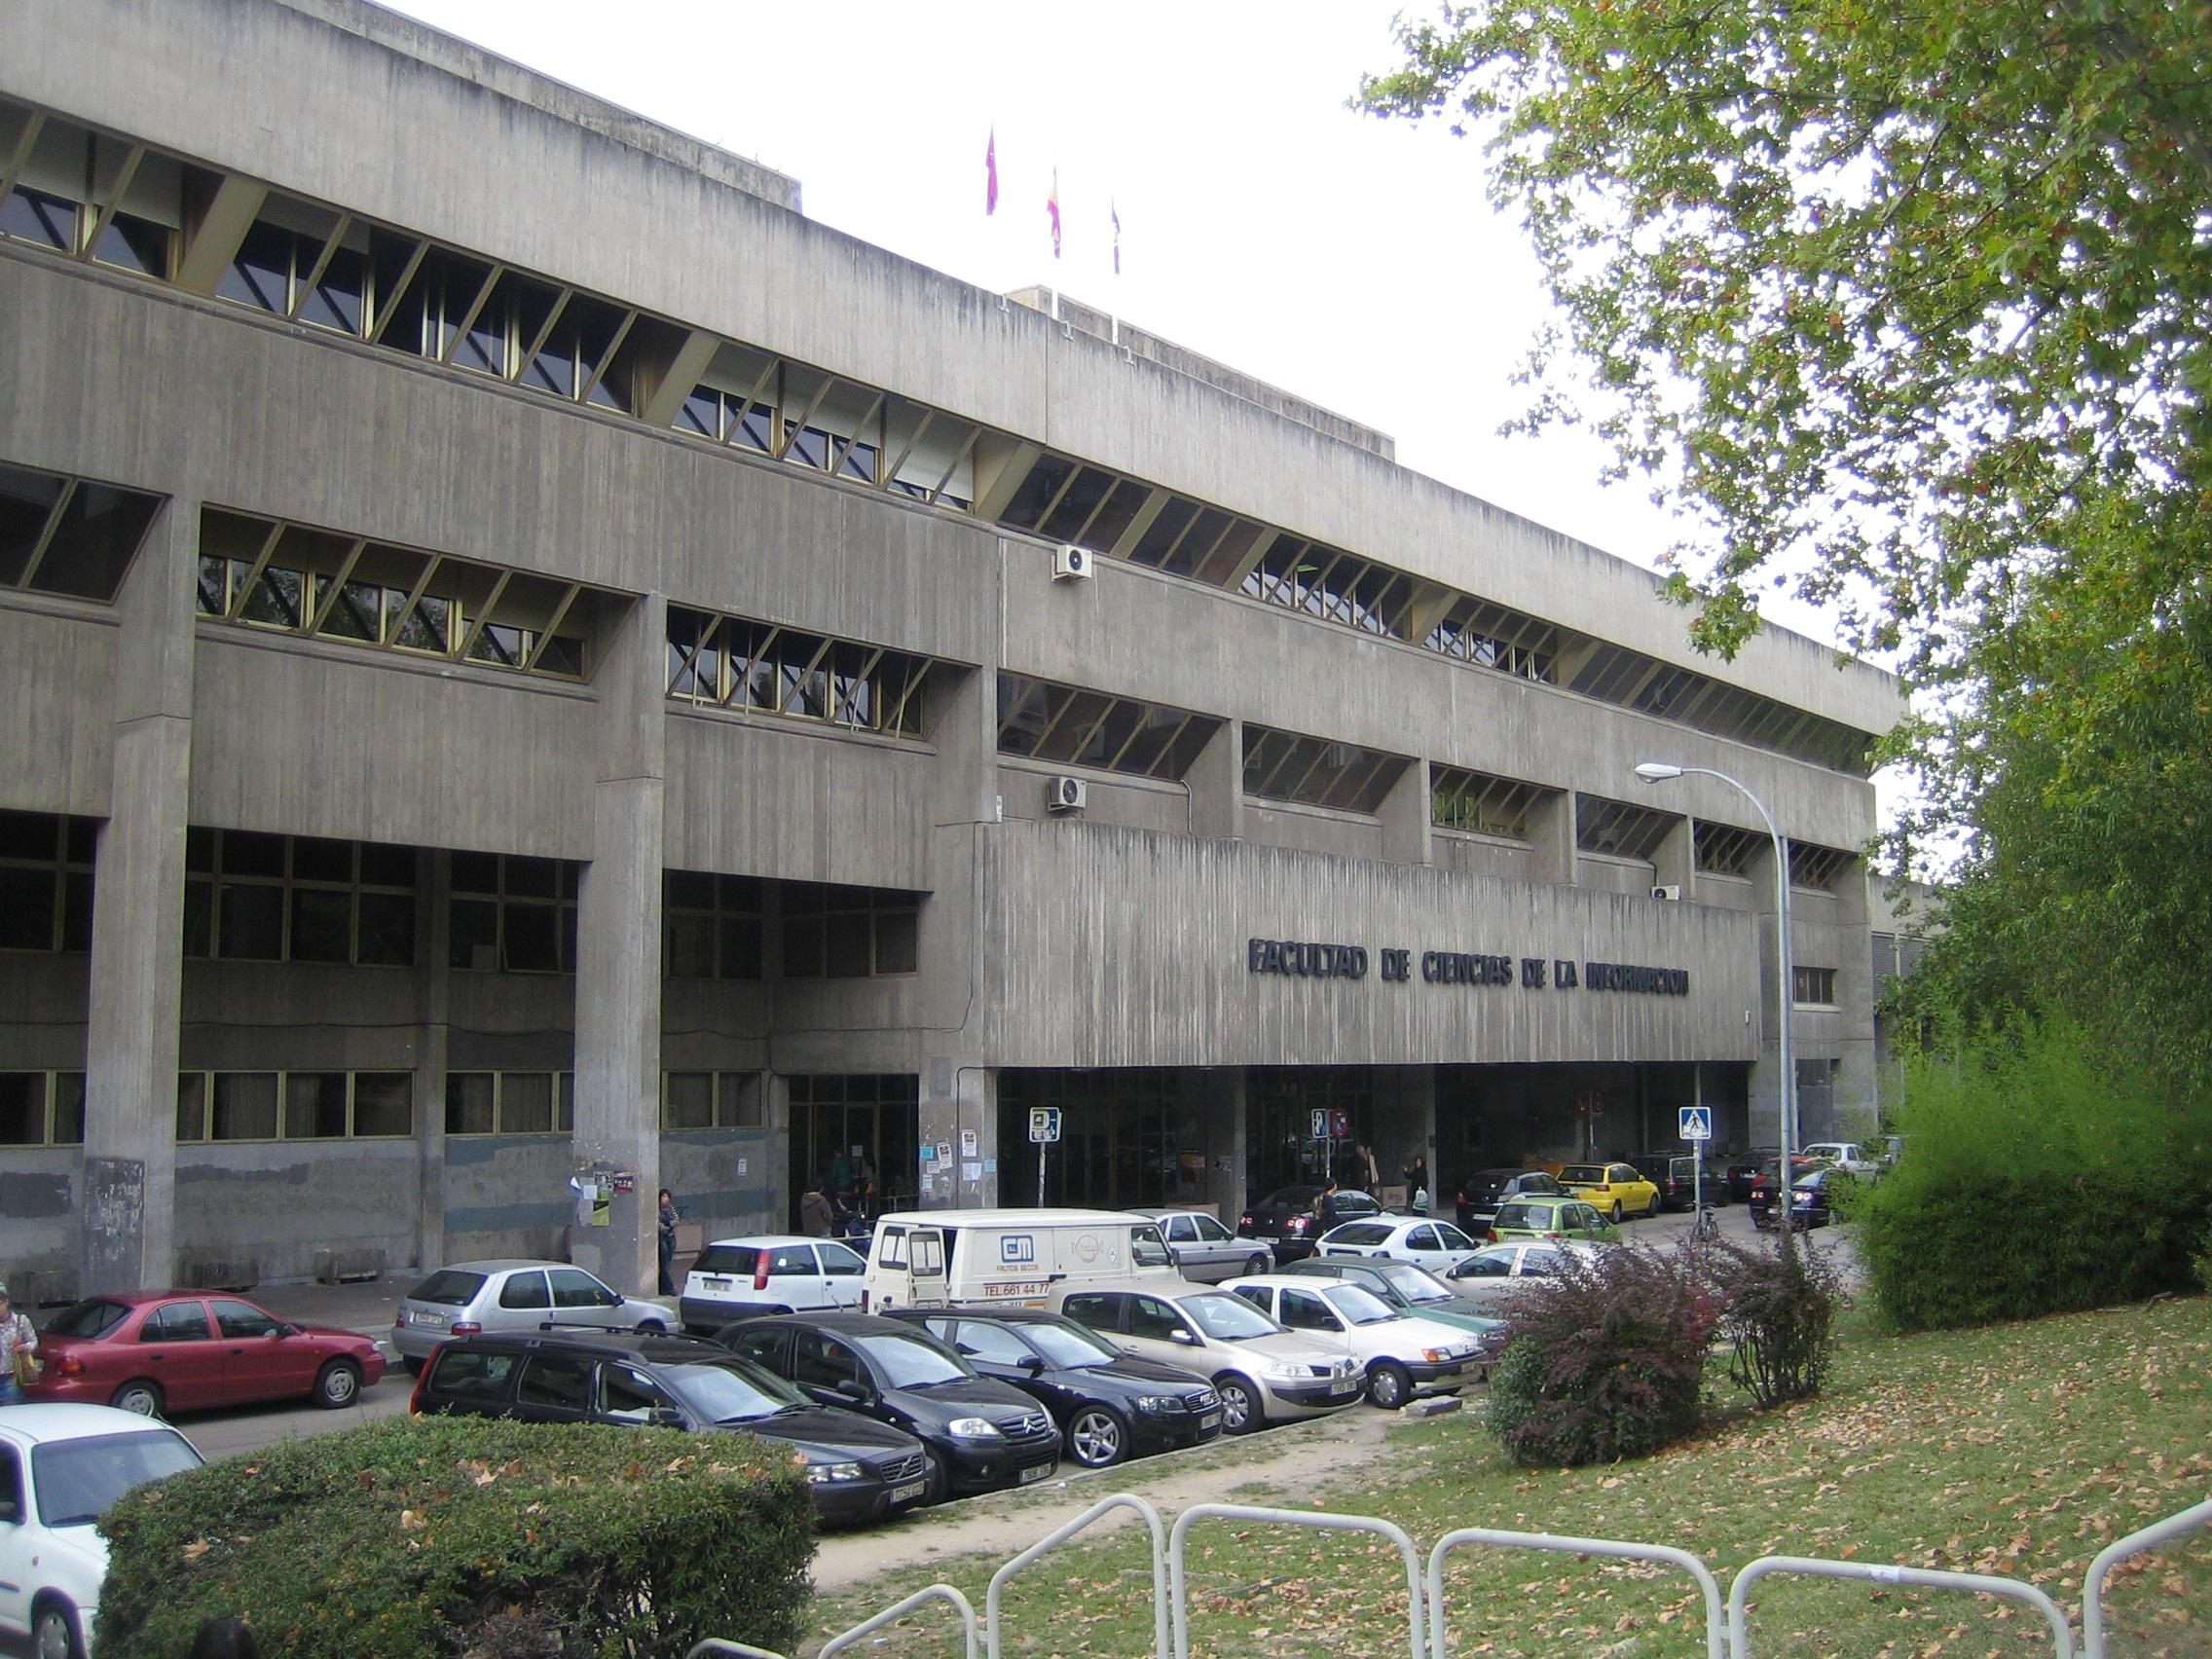 4. Facultad de Ciencias de la Información